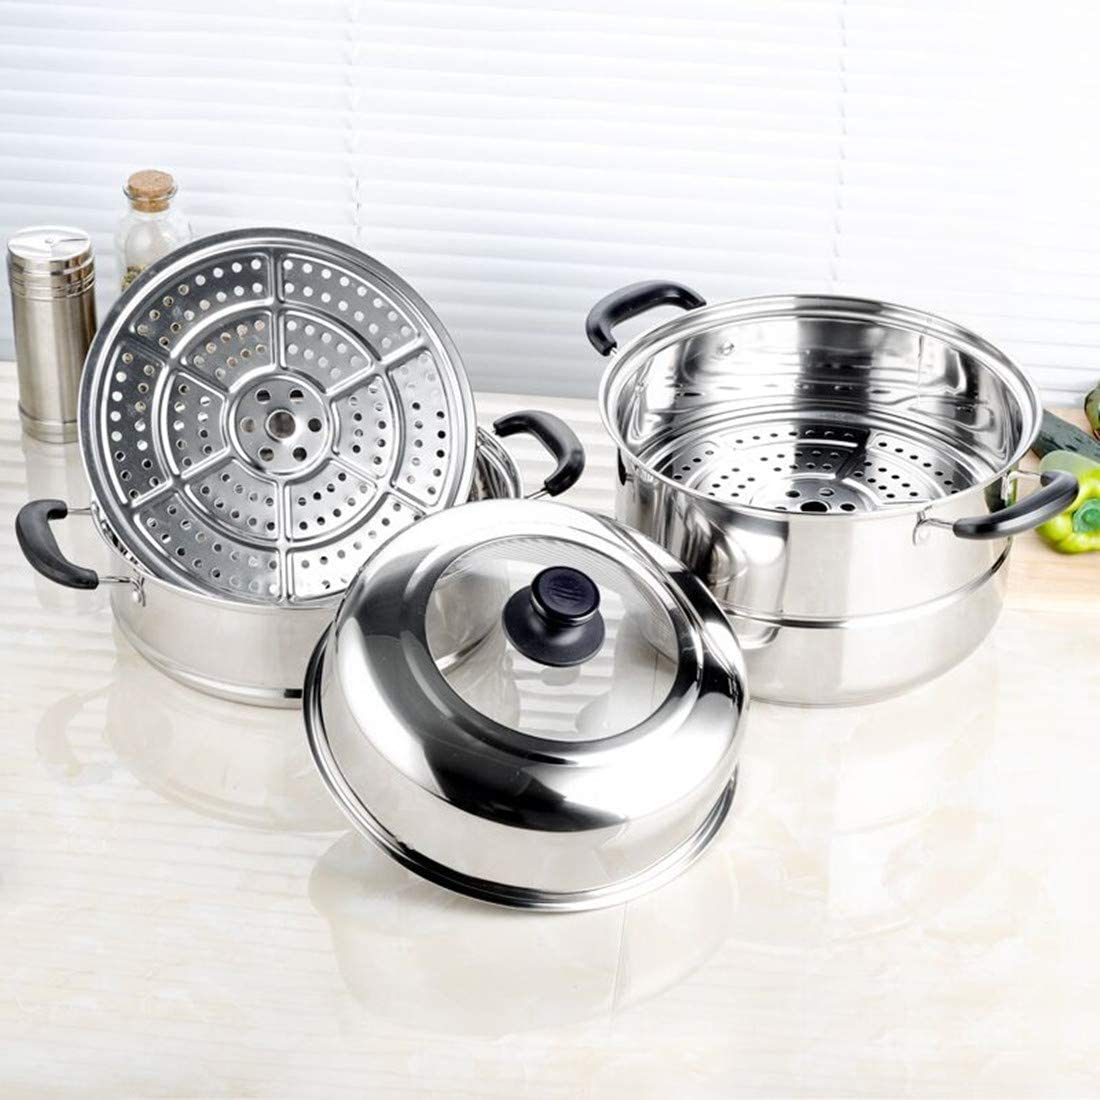 Minsell 蒸しもの鍋の商品画像5